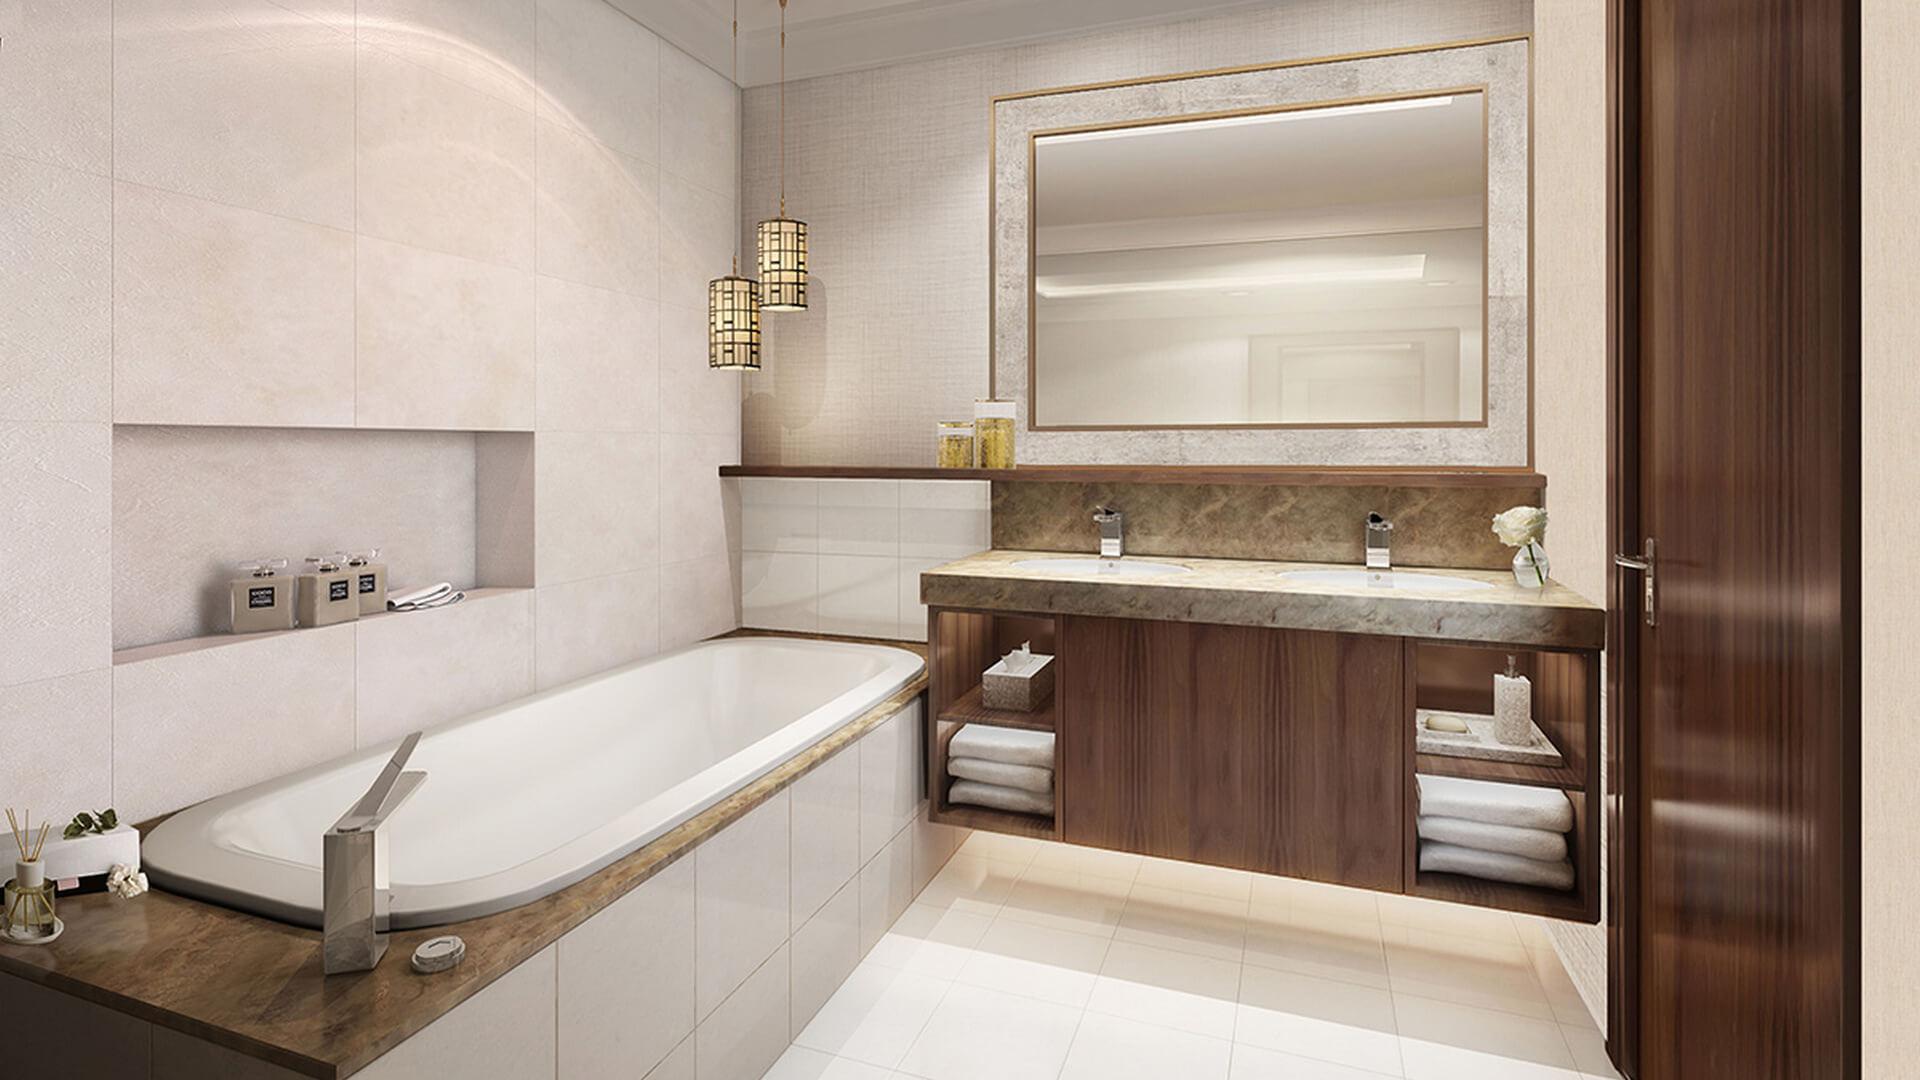 Apartment for sale in Dubai, UAE, 1 bedroom, 91 m2, No. 24093 – photo 5